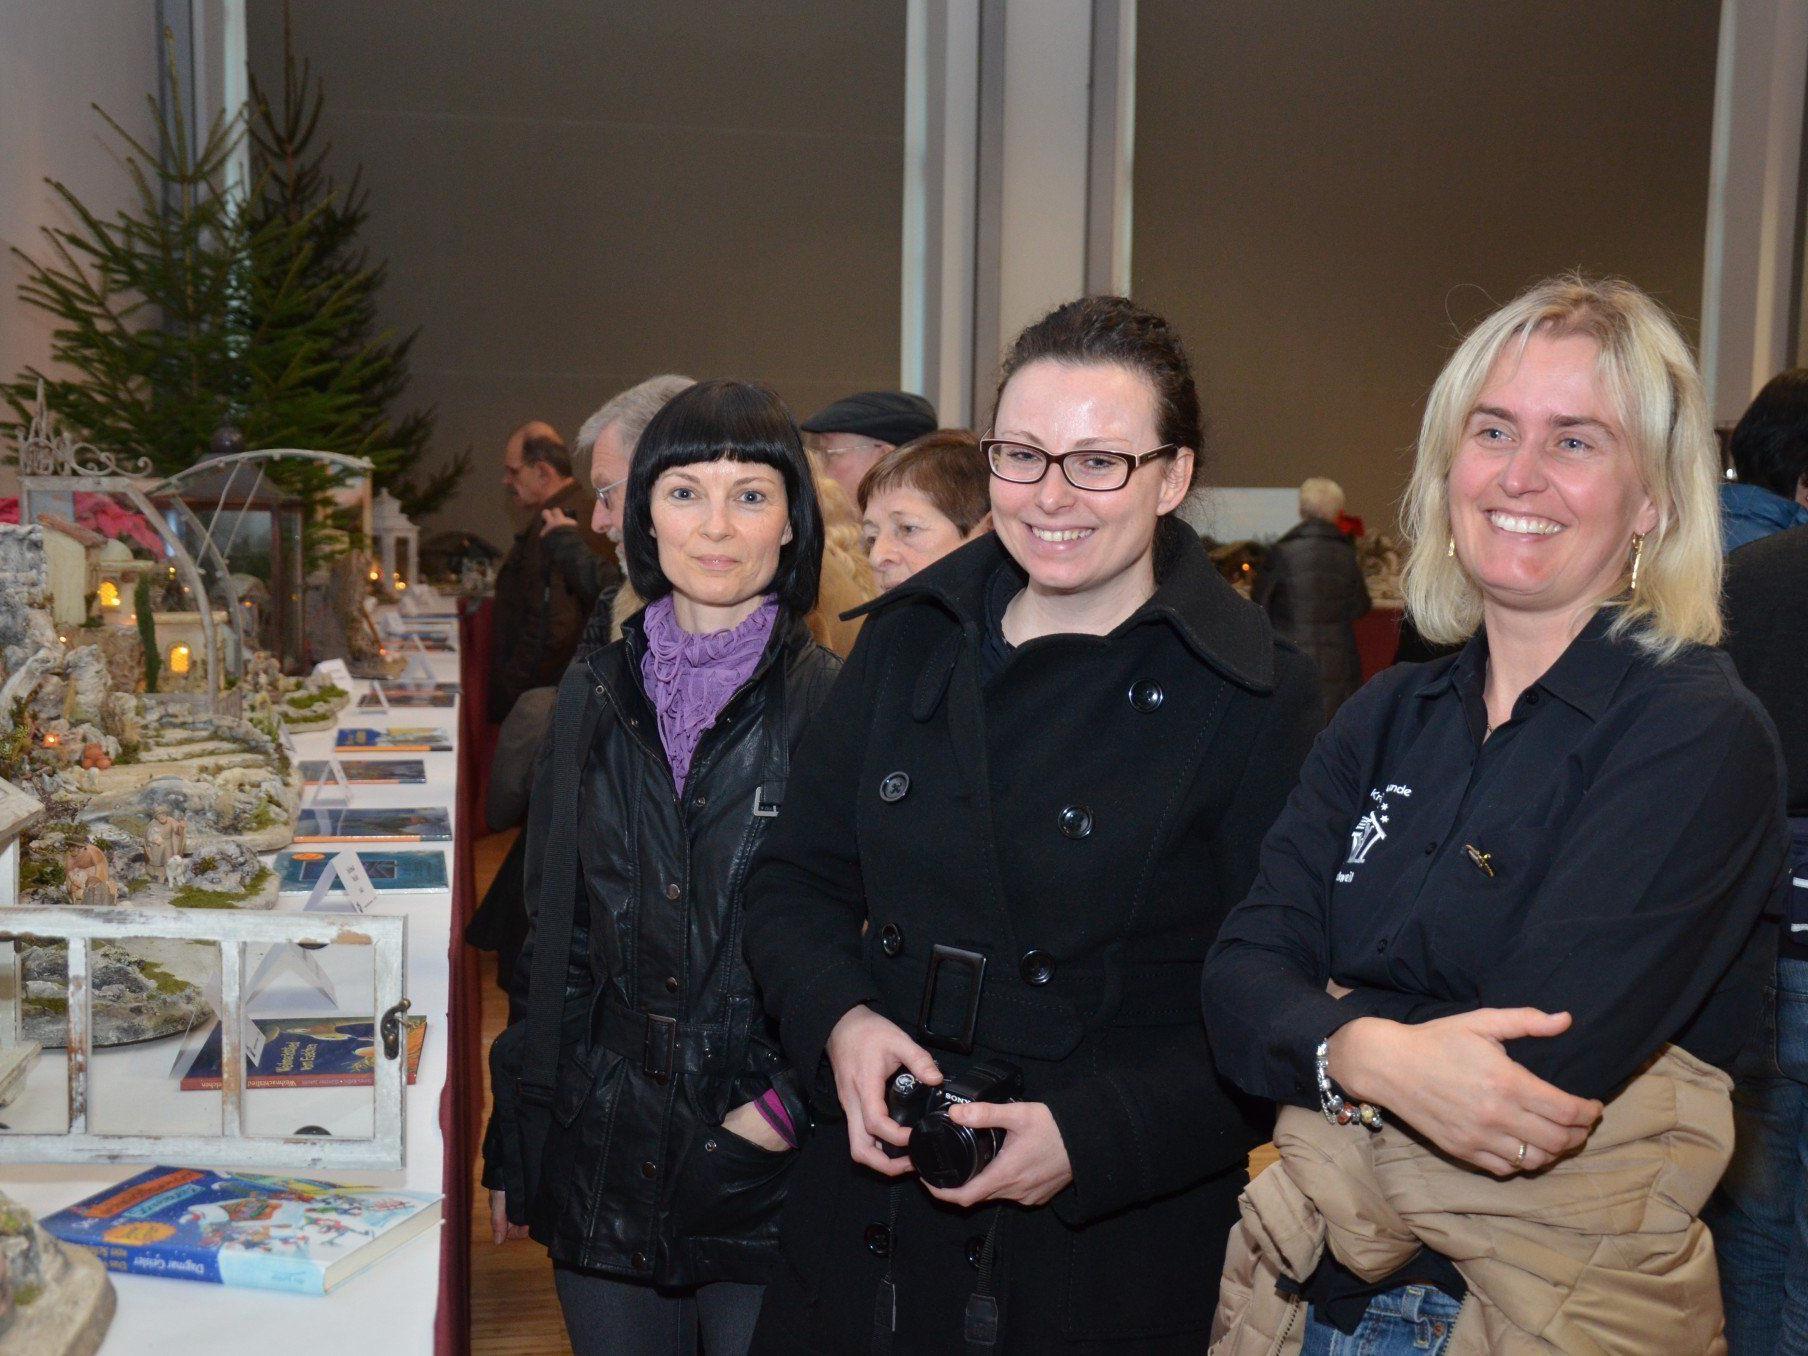 Viele Krippenfreunde aus dem ganzen Land kamen zur traditionellen Ausstellung nach Rankweil.